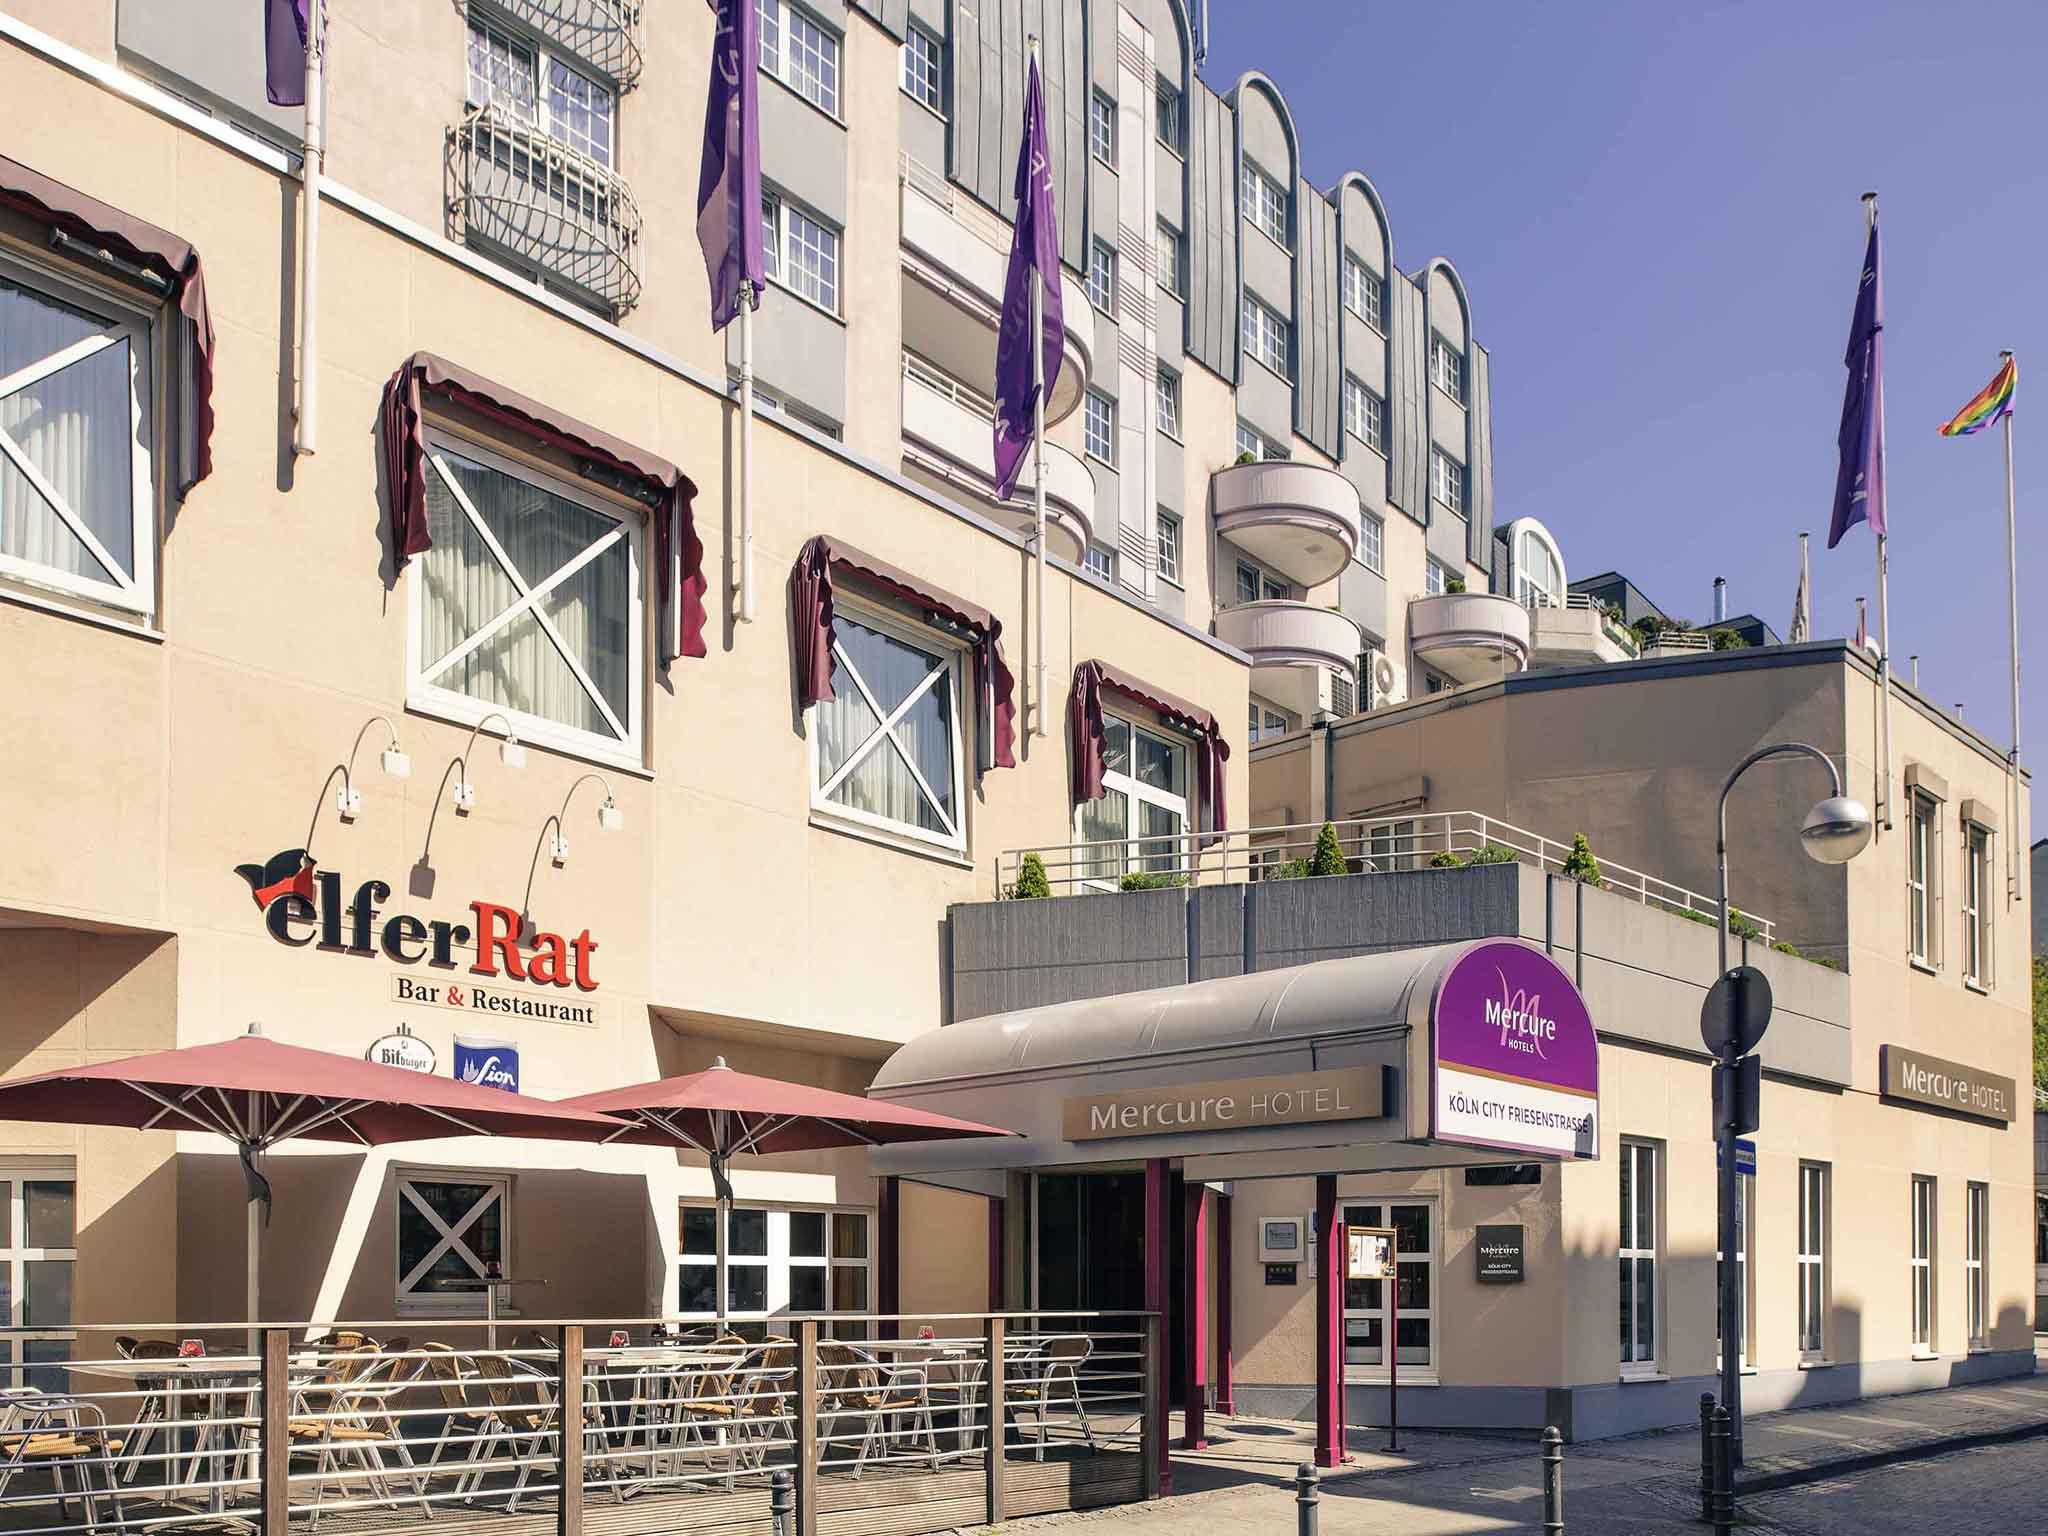 Hotel – Mercure Hotel Koeln City Friesenstraße